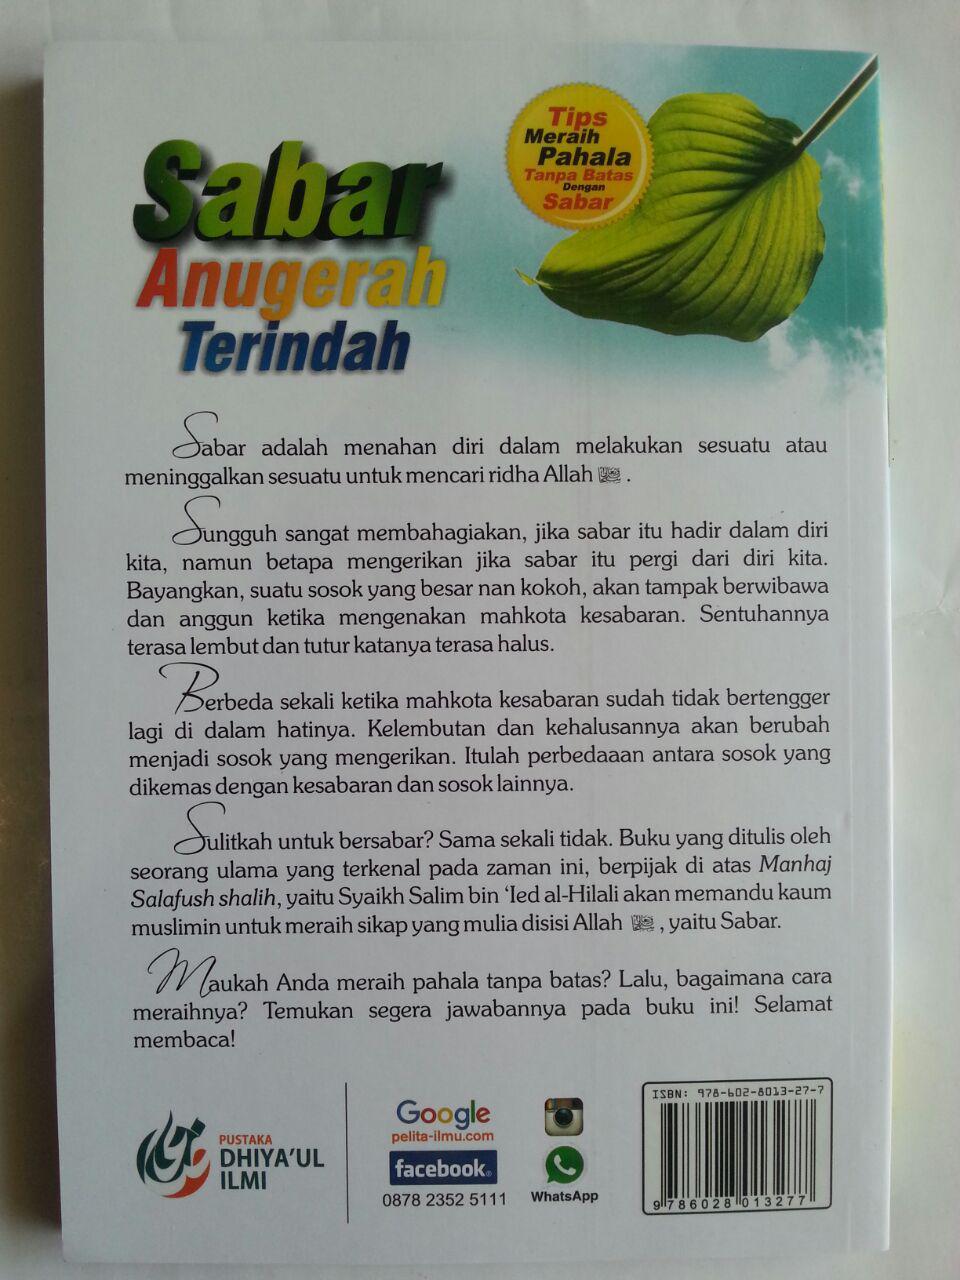 Buku Sabar Anugerah Terindah Tips Meraih Pahala Tanpa Batas isi 2